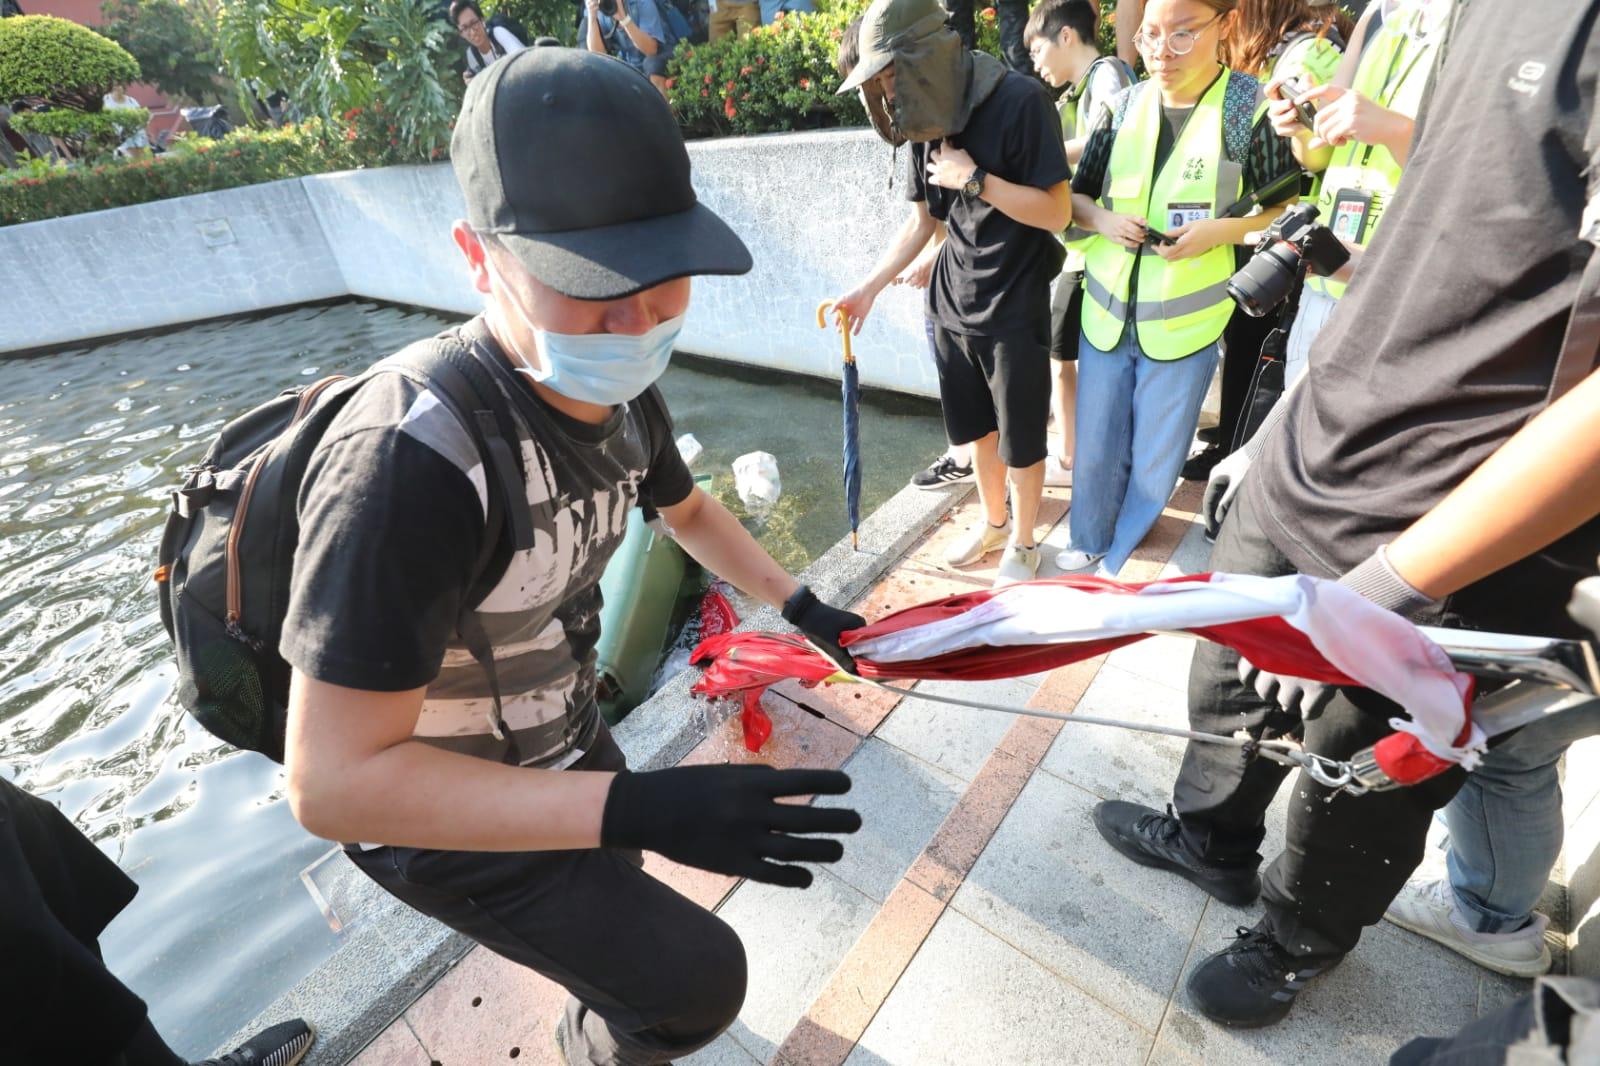 沙田大批示威者踐踏污損破壞國旗